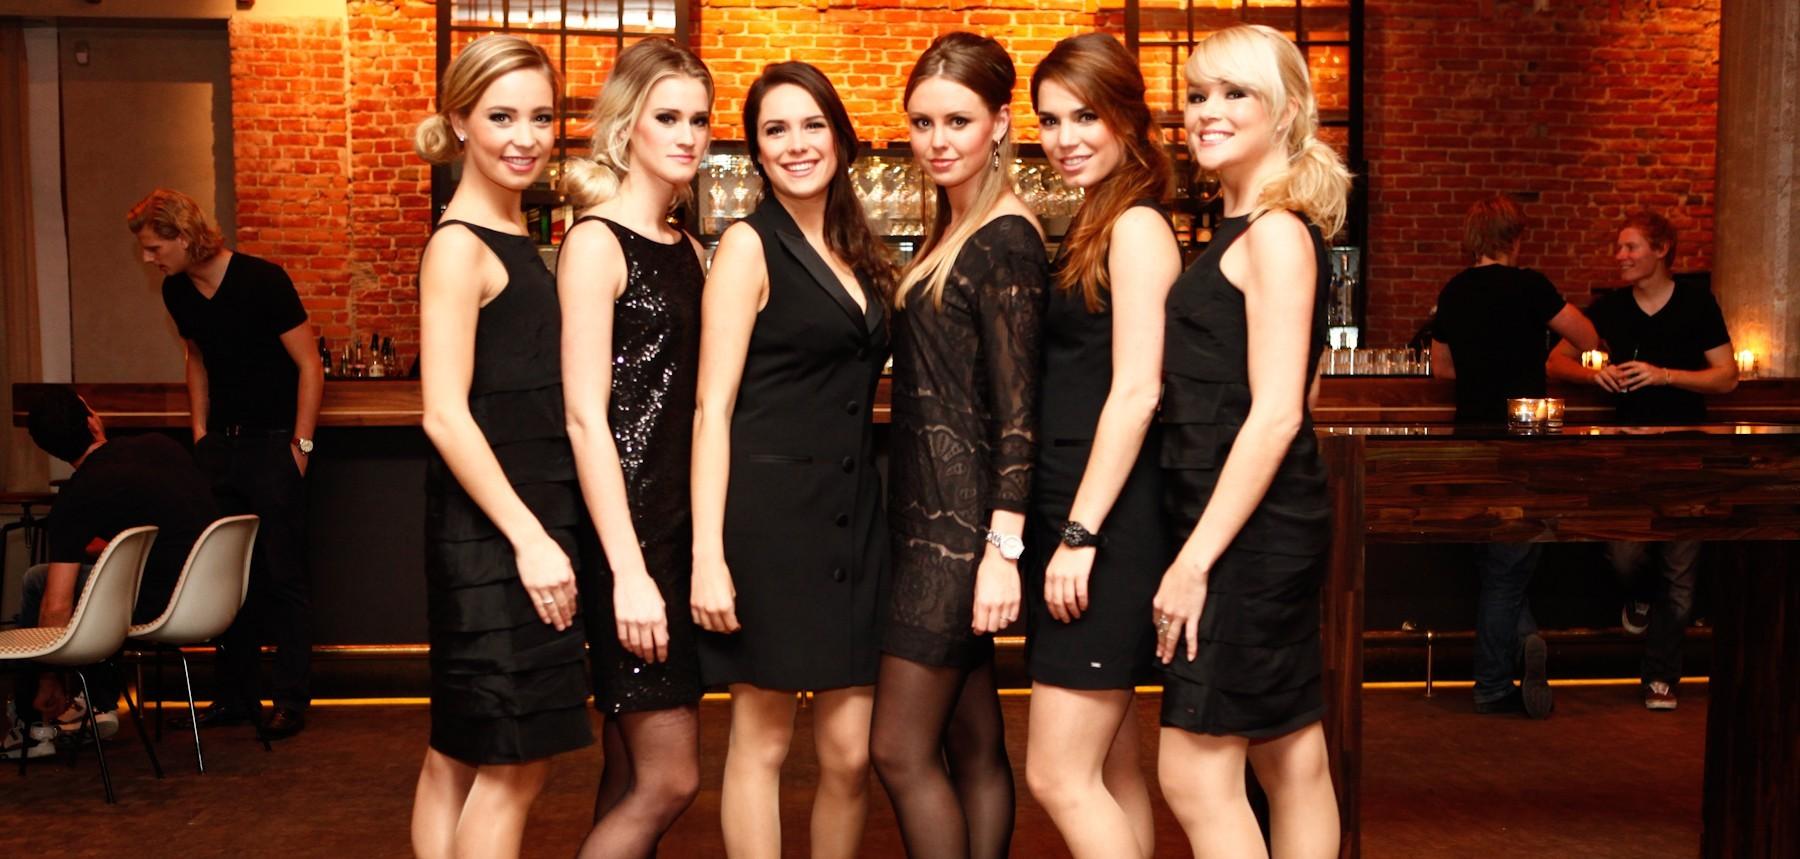 Le r le de l h tesse mannequin dans la promotion de marque for Hotesse dans les salons